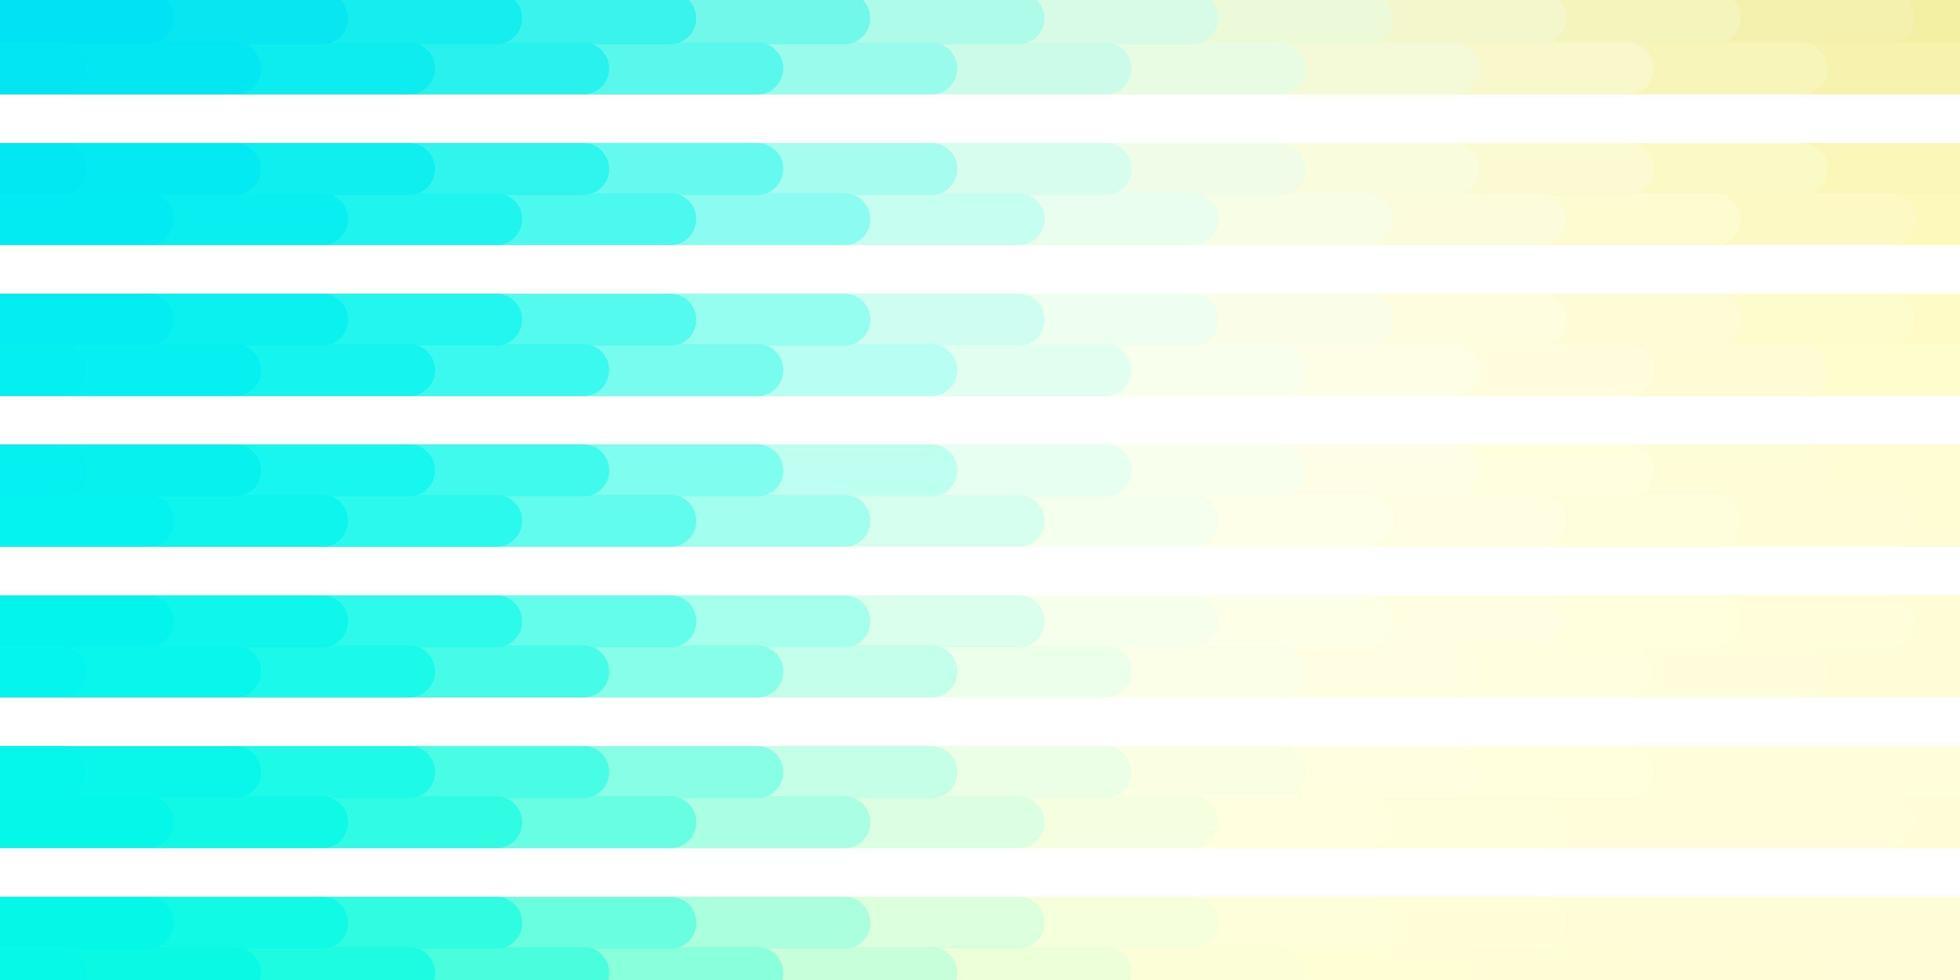 lichtblauwe, groene vectortextuur met lijnen. vector